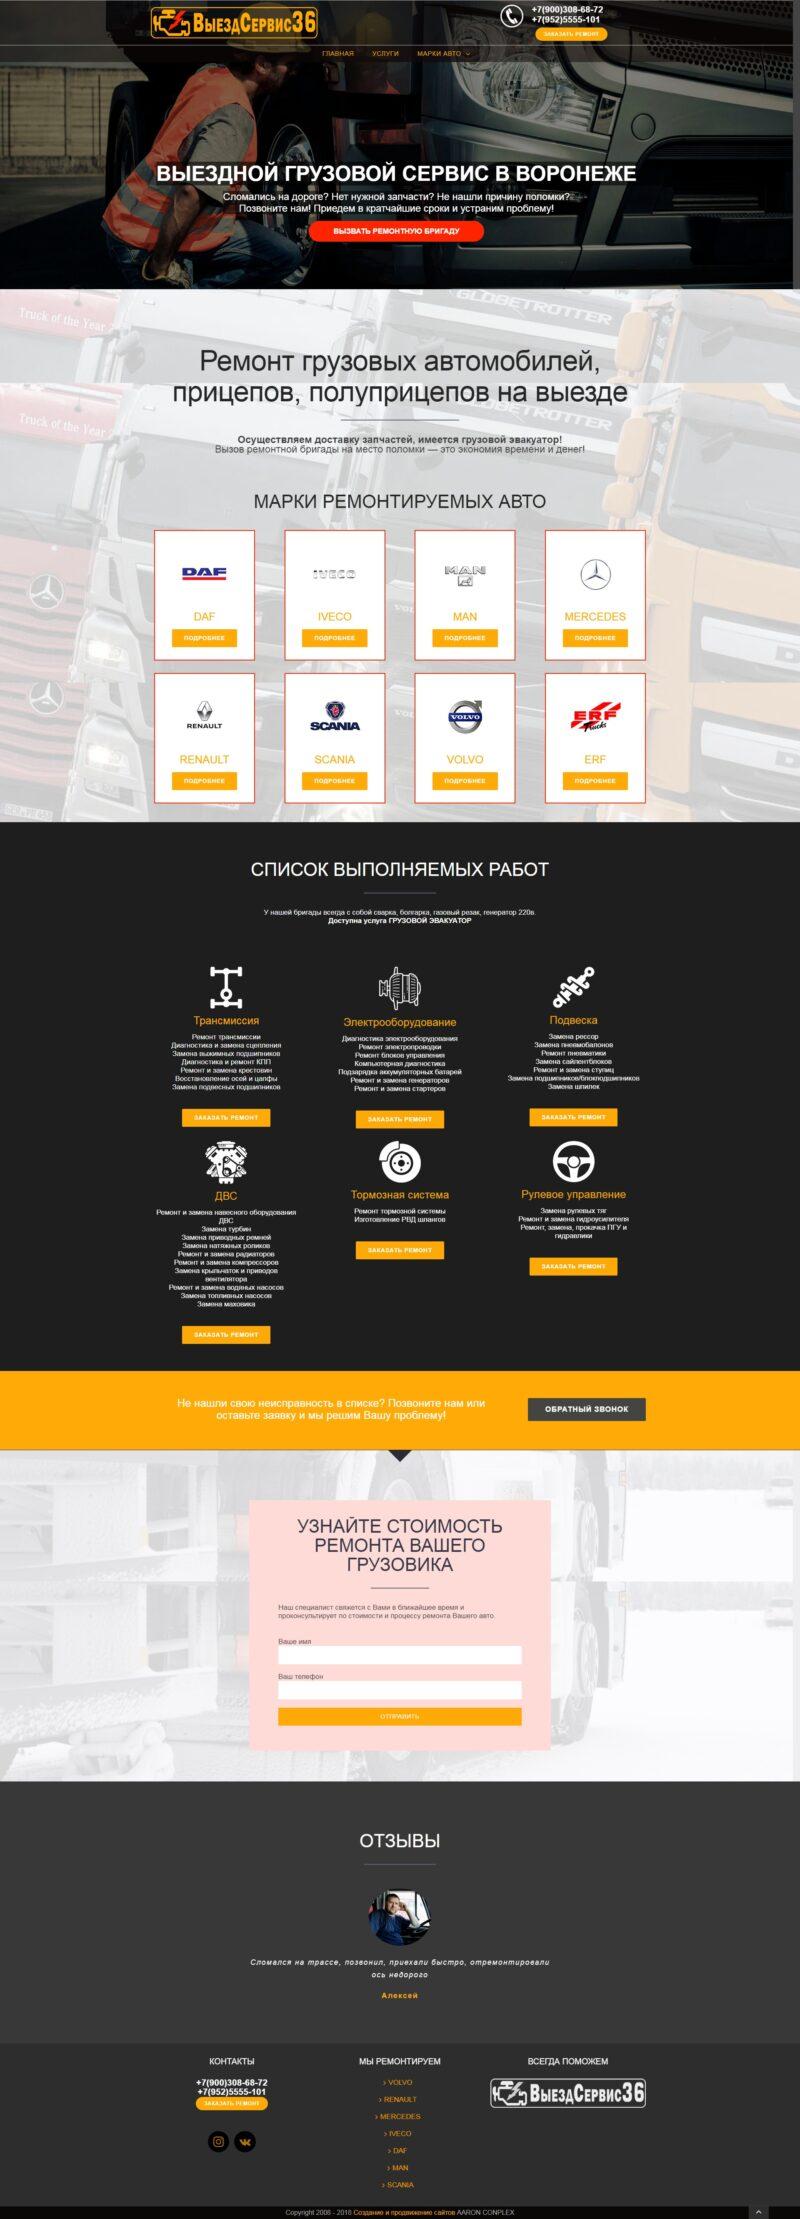 Сайт для ремонтной бригады грузовых автомобилей, г. Воронеж